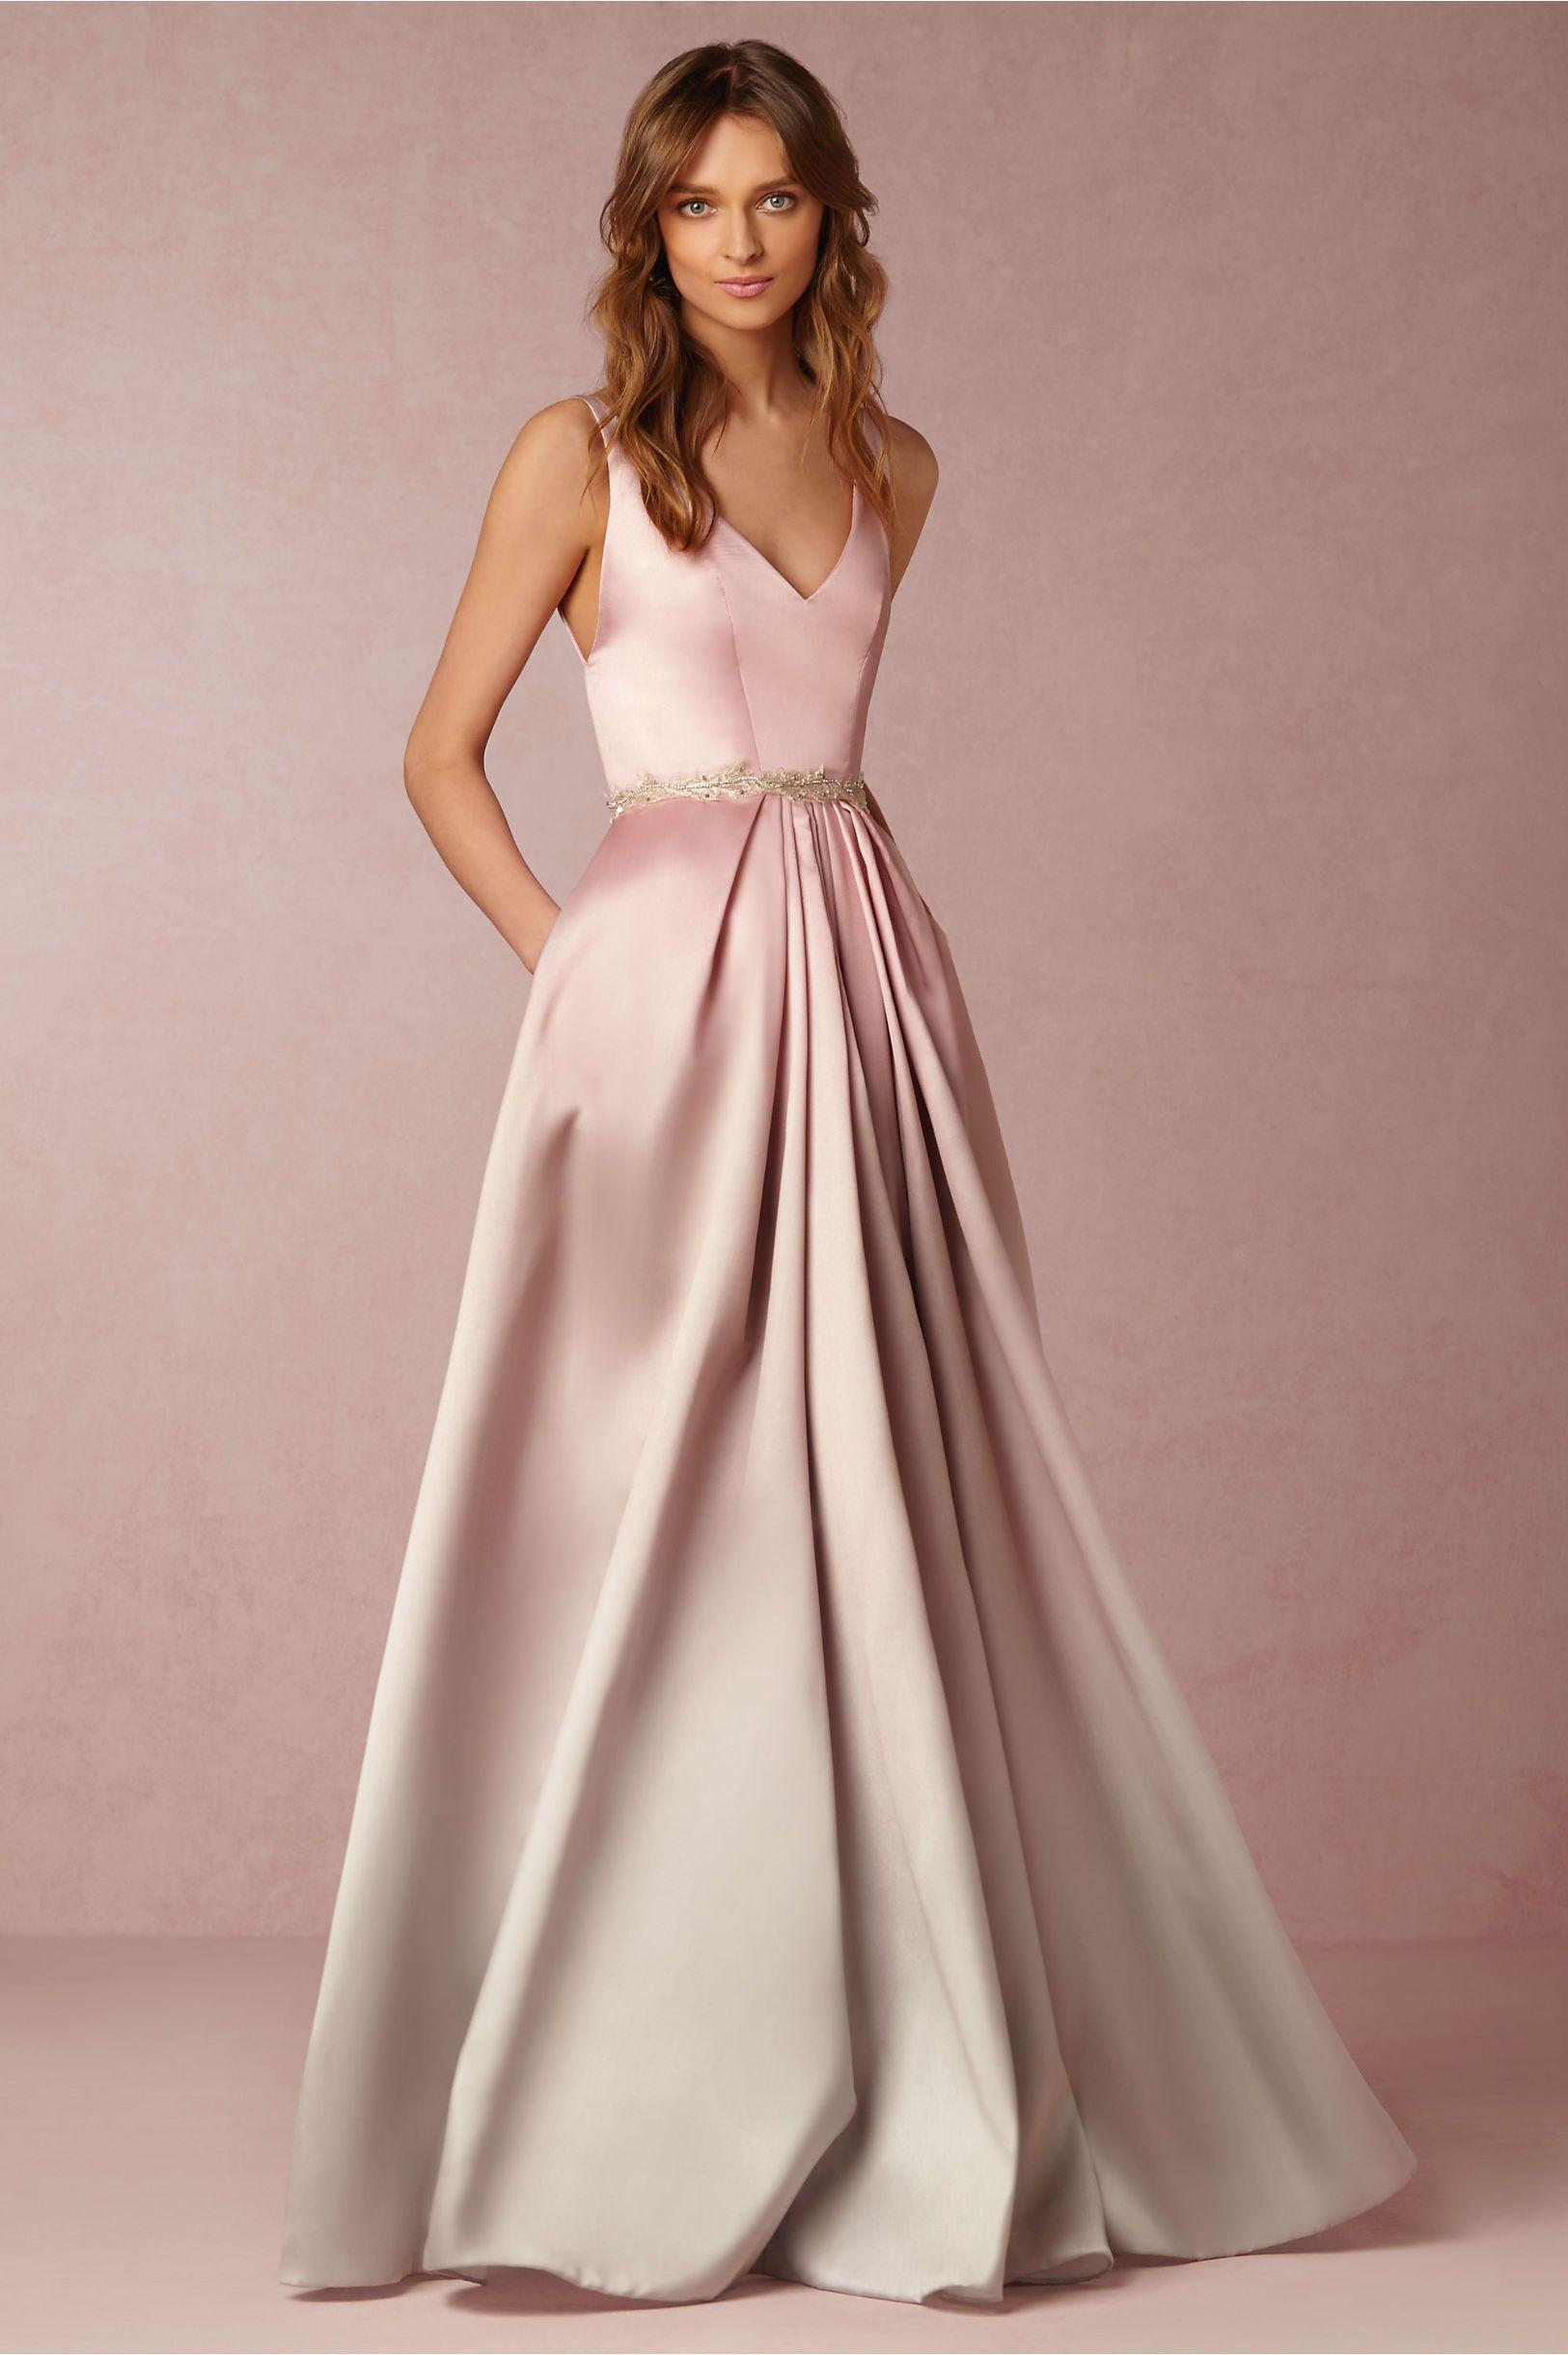 Aidan Mattox 457680 Dress - NewYorkDress.com   My Style   Pinterest ...